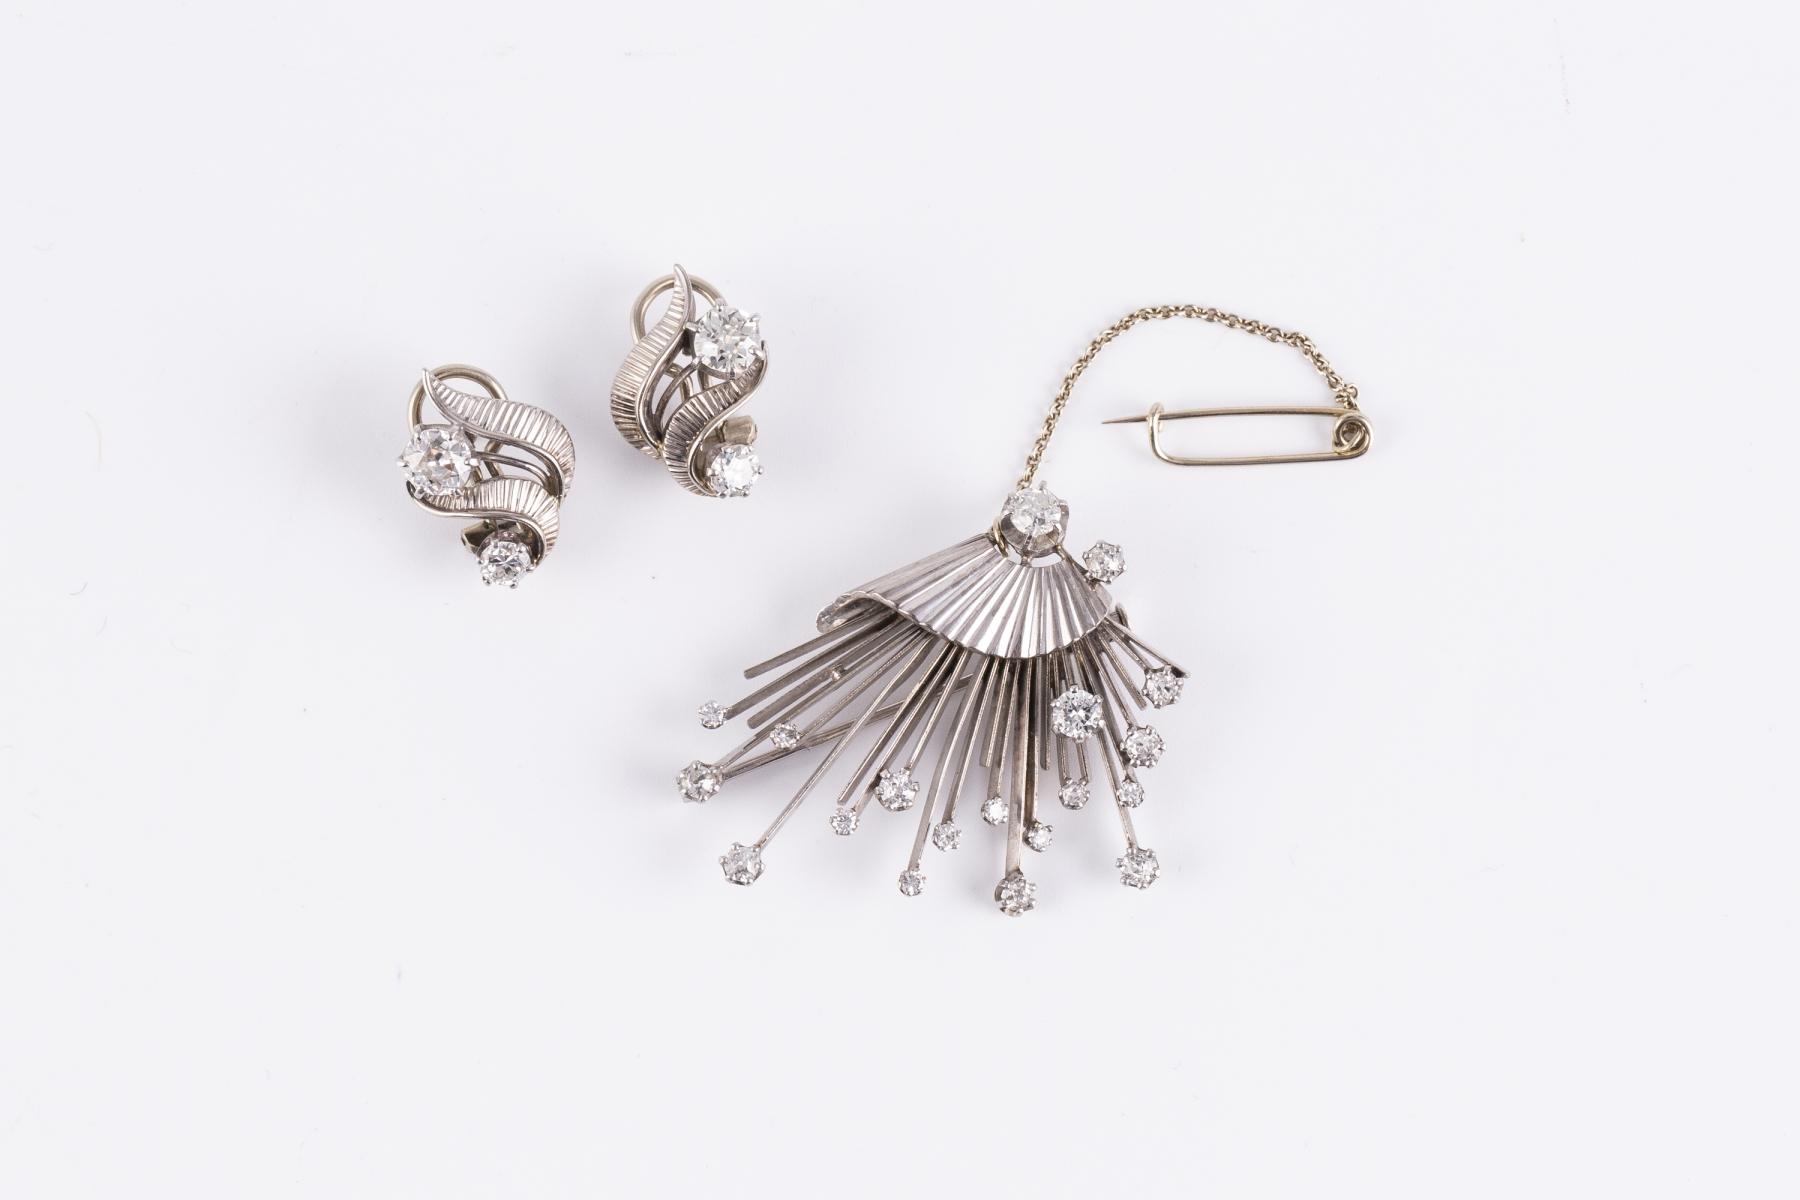 103- Une parure comprenant une broche en or gris sertie de petits brillants et une paire de clips d'oreilles. Adjugé 1300€